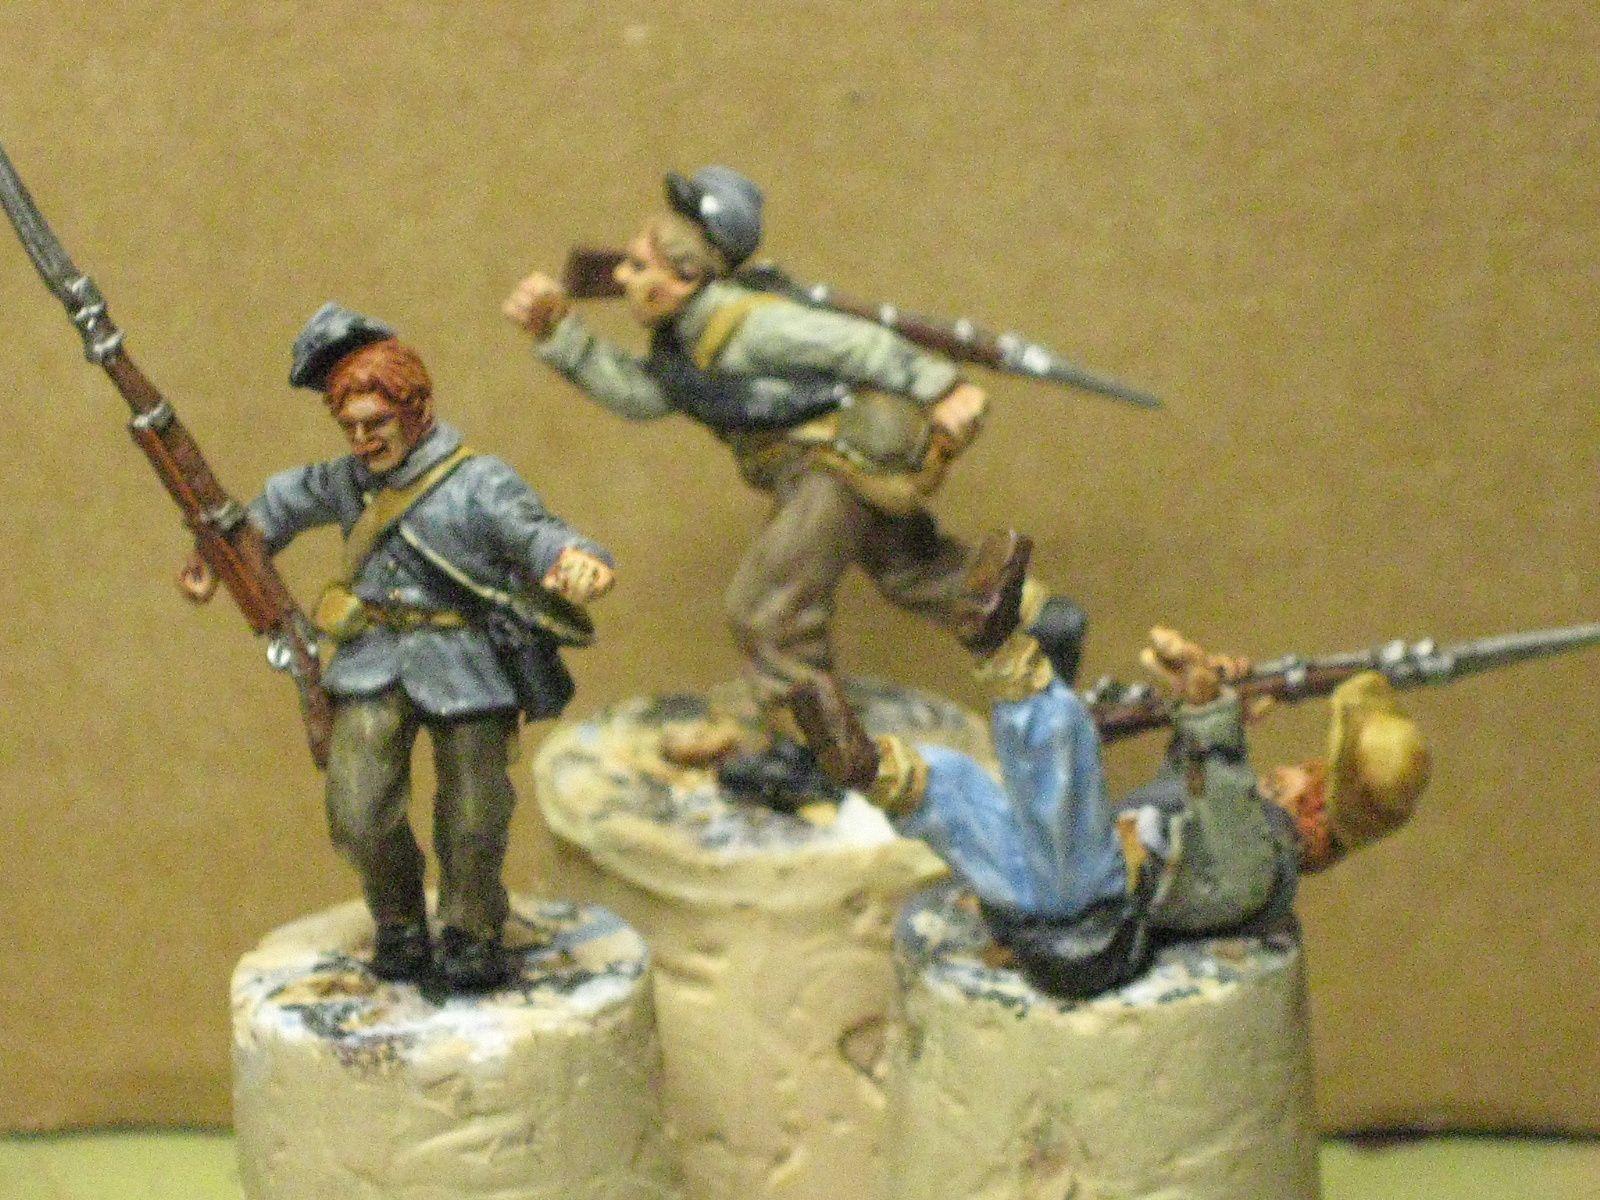 Quelques unes des figurines haute en couleur